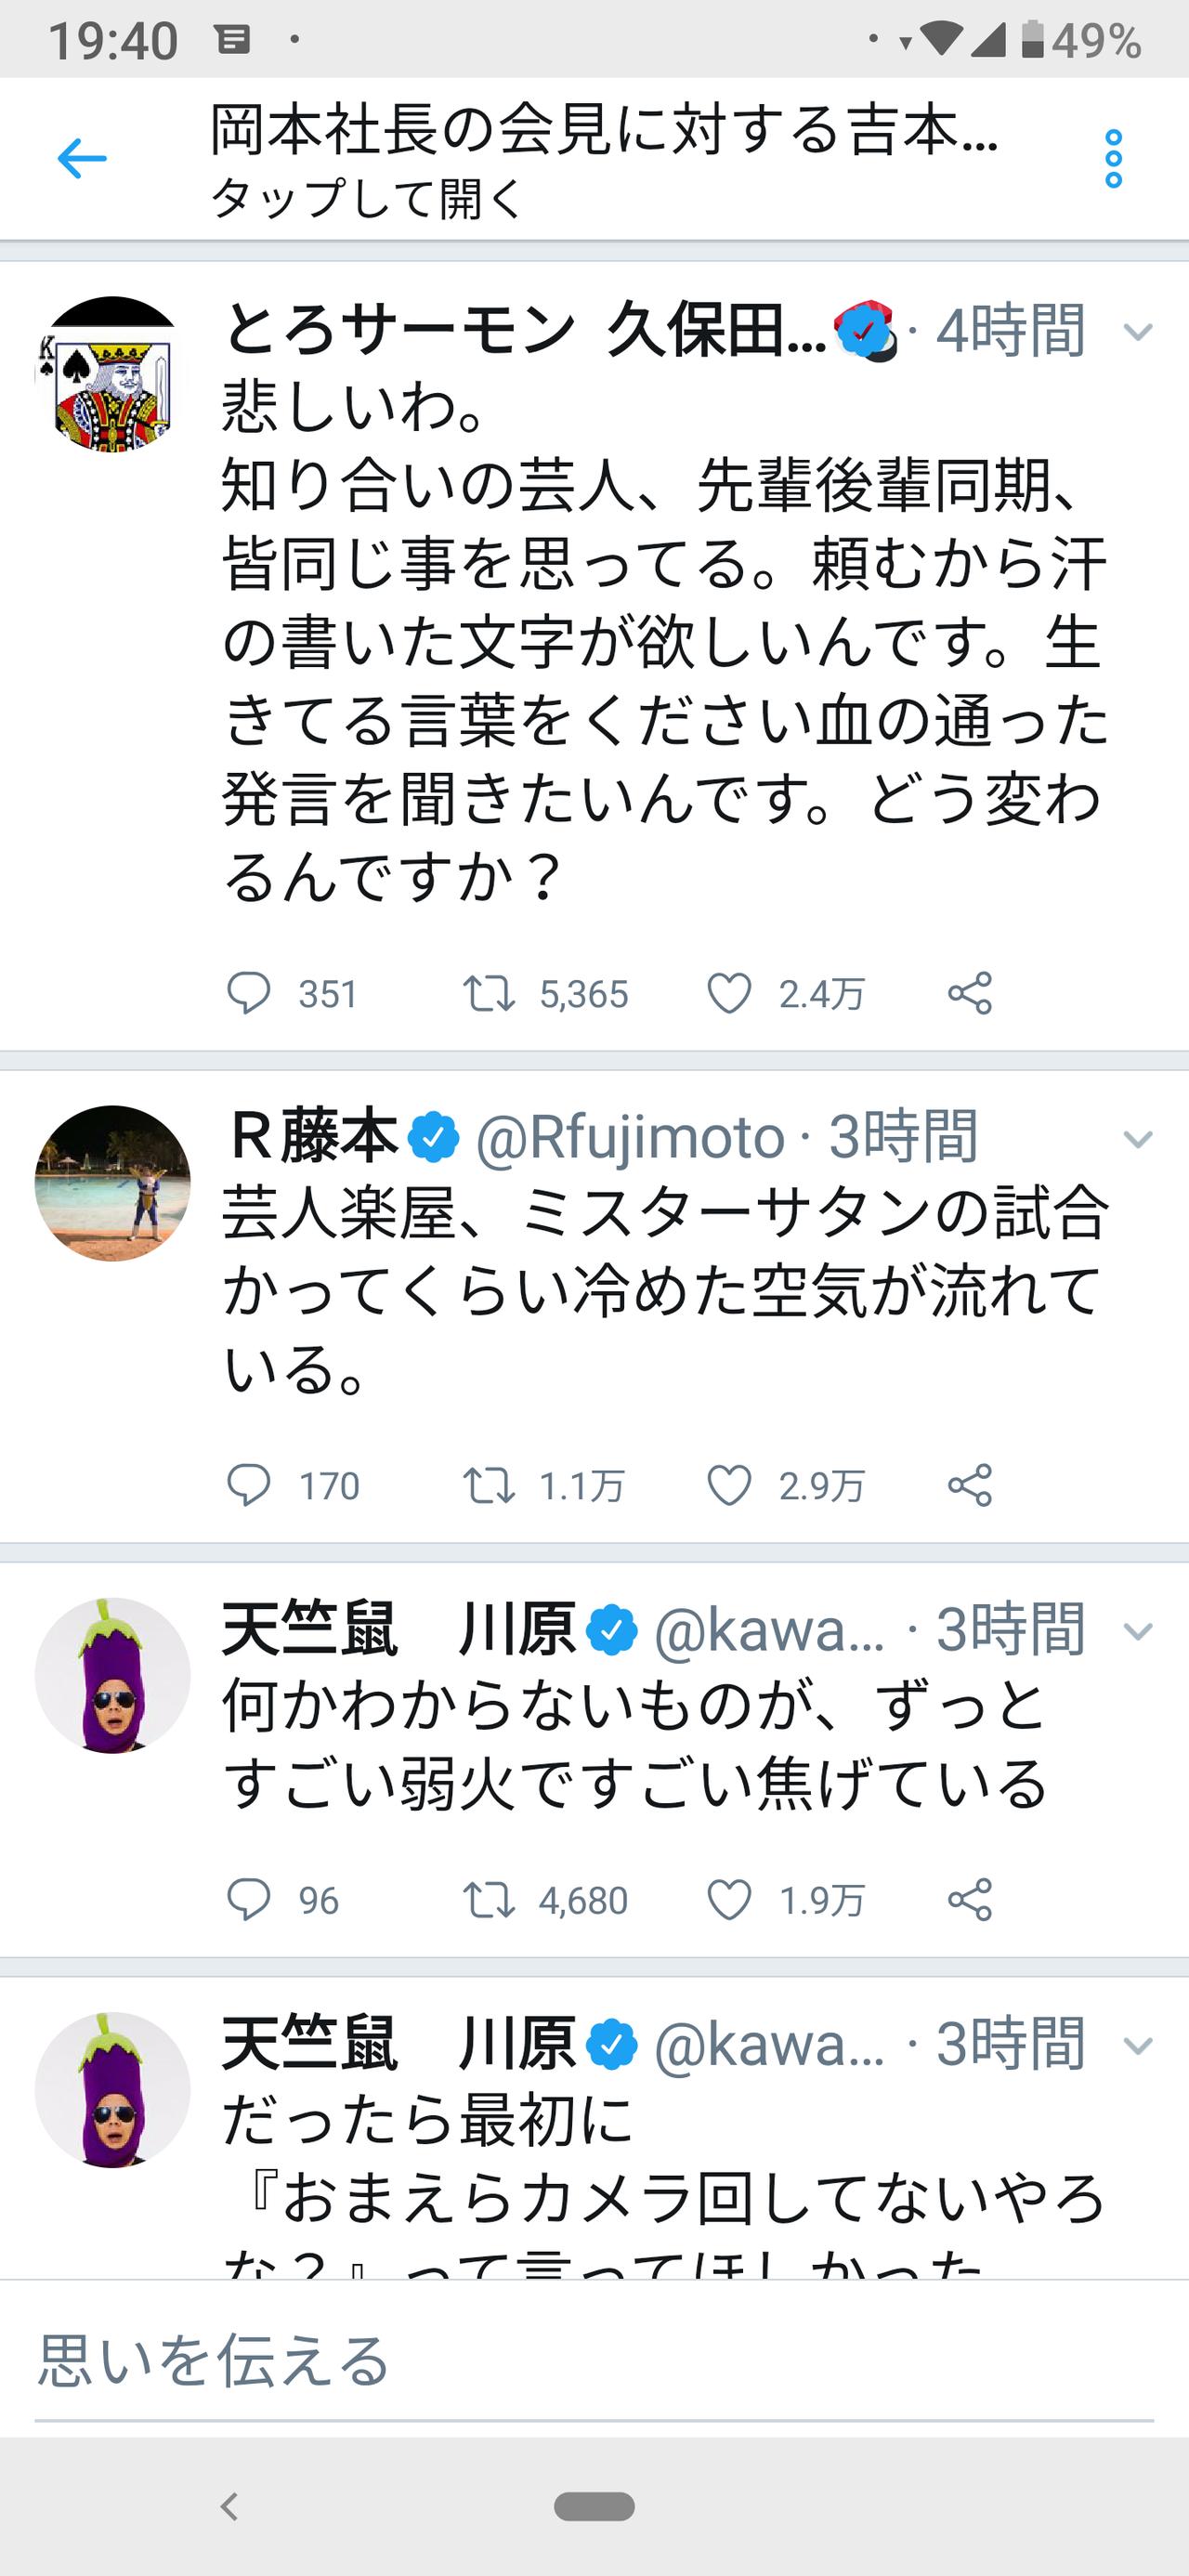 吉本芸人さん、岡本社長の会見で一斉に不満を呟き反旗を翻す